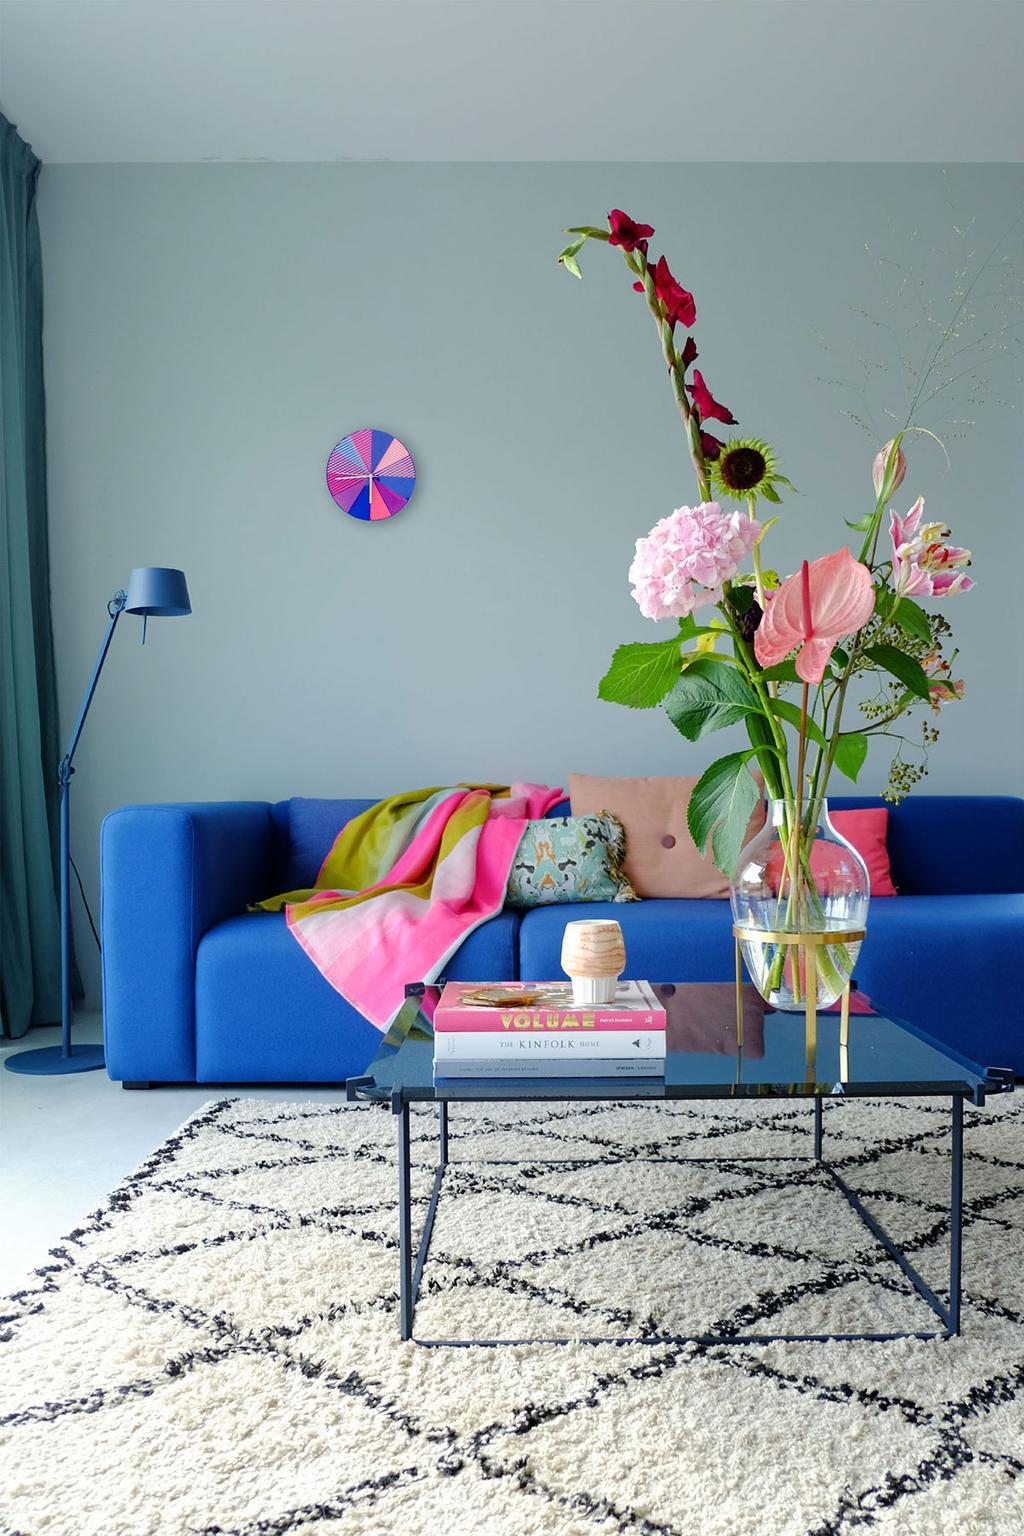 Blauwe bank van HAY, salontafel van Linteloo en een geruit vloerkleed in de woonkamer van PRCHTG